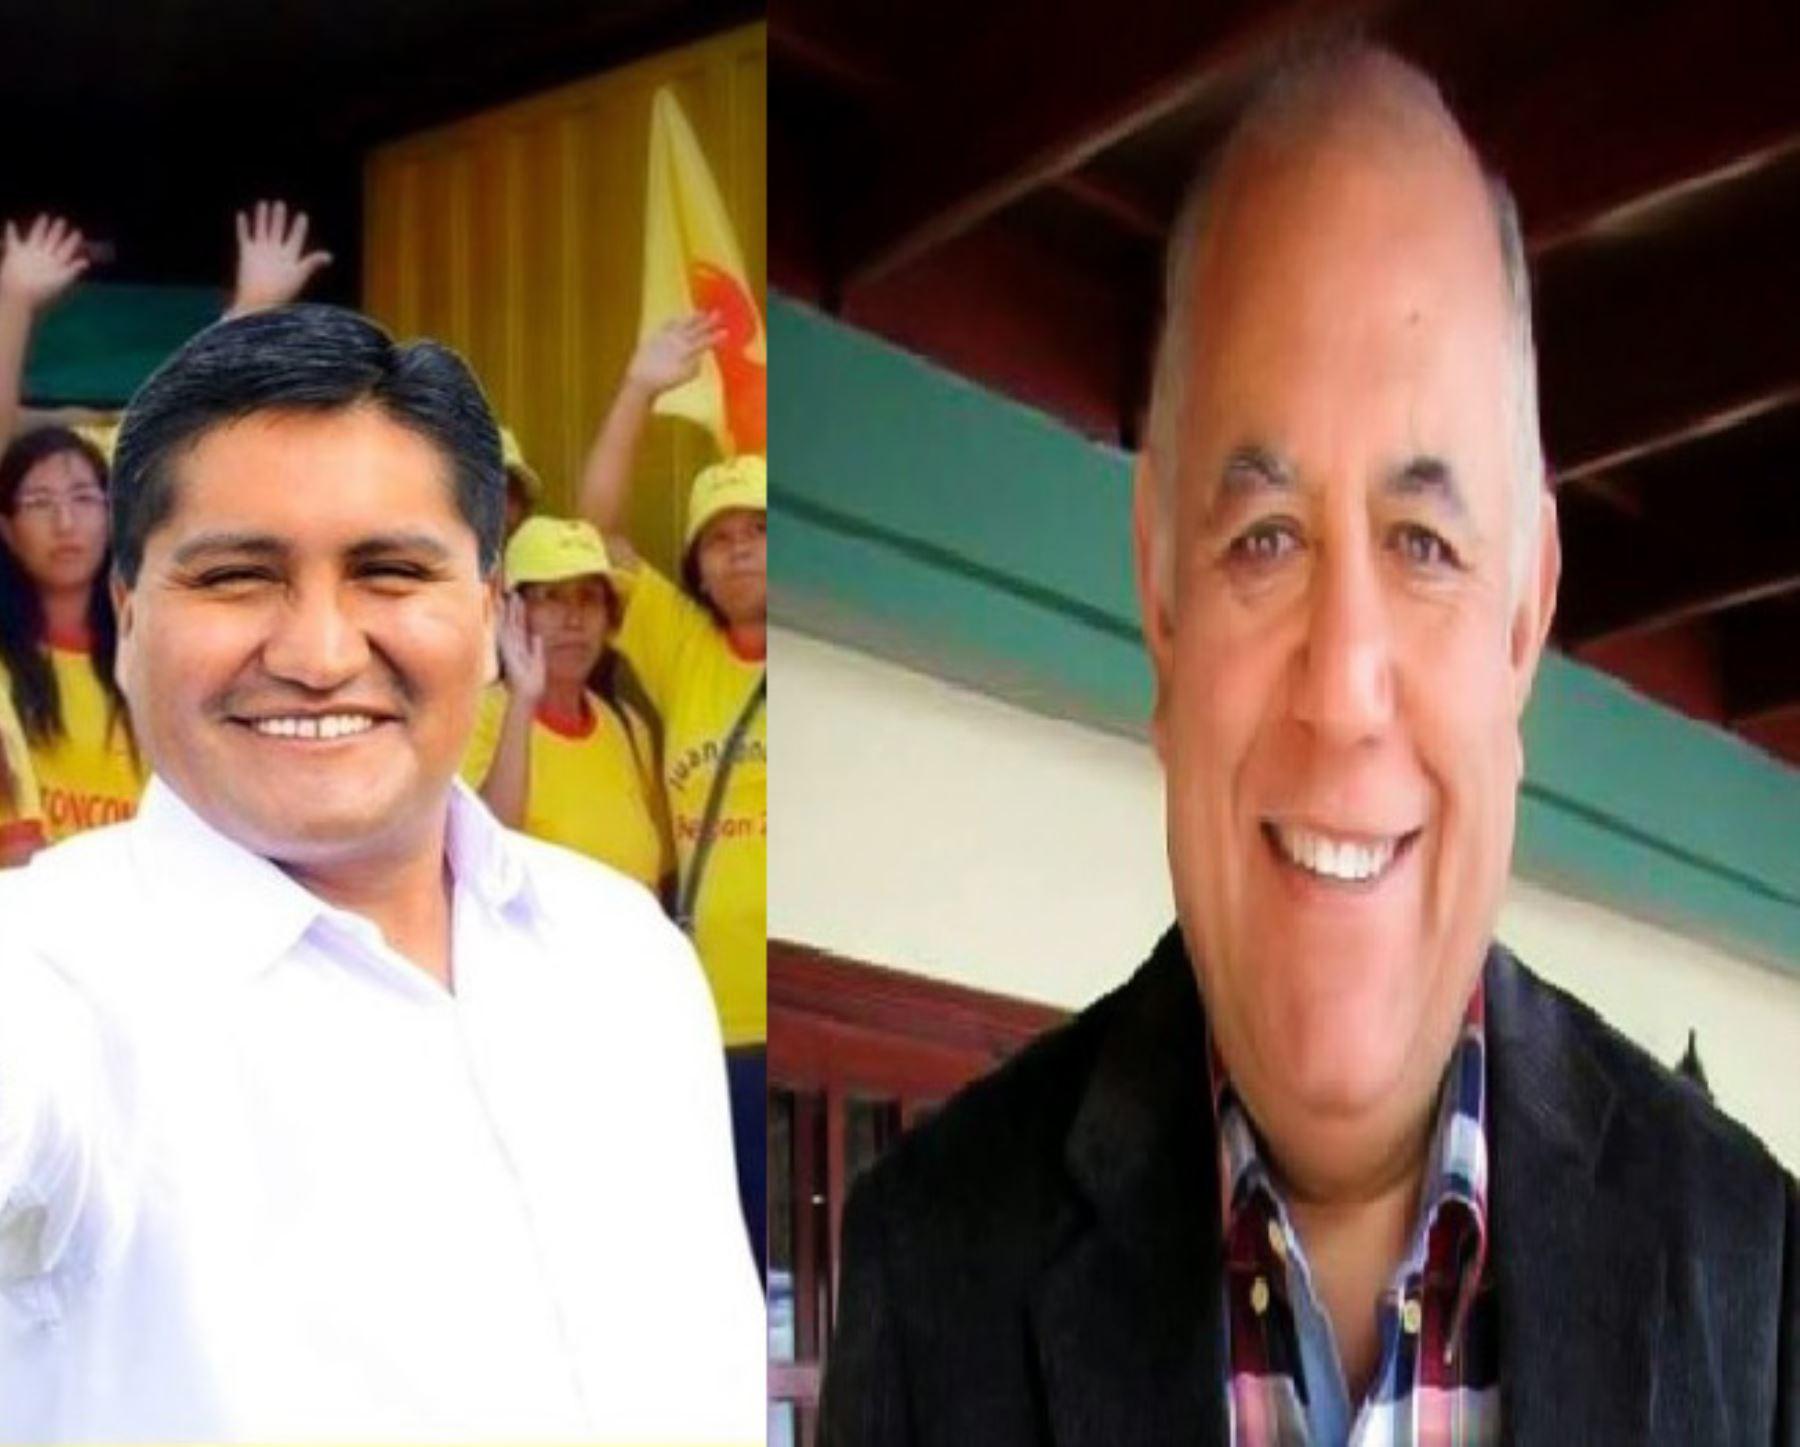 Los candidatos Juan Tonconi (Acción por la Unidad Tacna) y Luis Torres (Movimiento Independiente Regional Tacna) disputarán en segunda vuelta quien será el nuevo gobernador regional de Tacna al no haber alcanzado, en los comicios del reciente domingo, el 30% de los votos exigidos por la Ley de Elecciones Regionales.